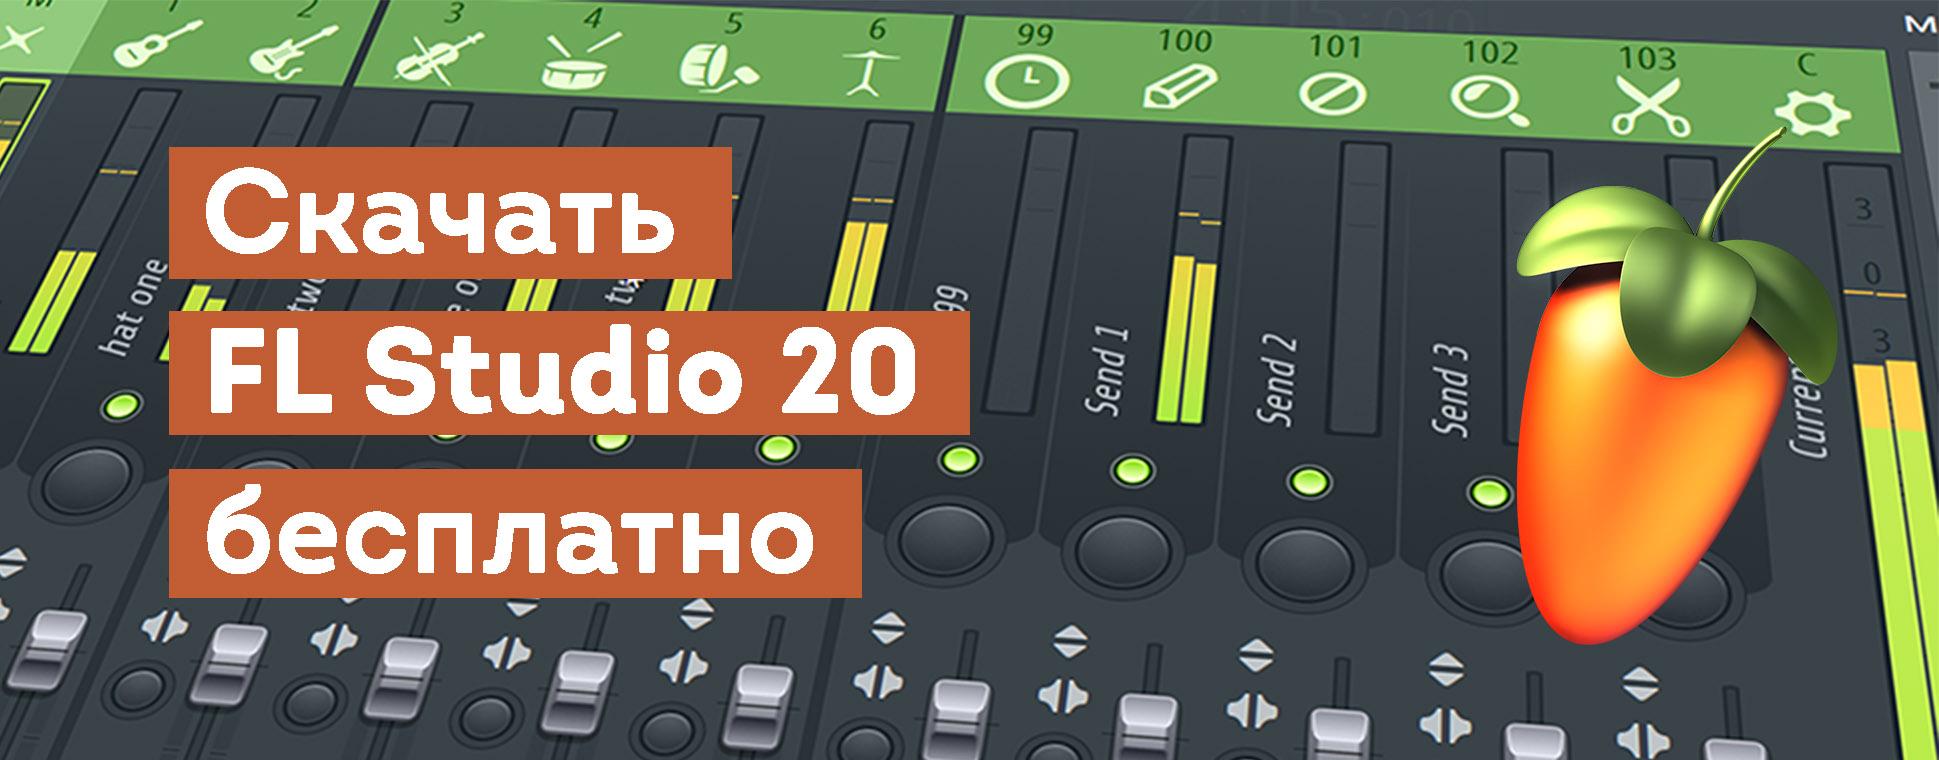 Скачать FL Studio 20 на русском языке